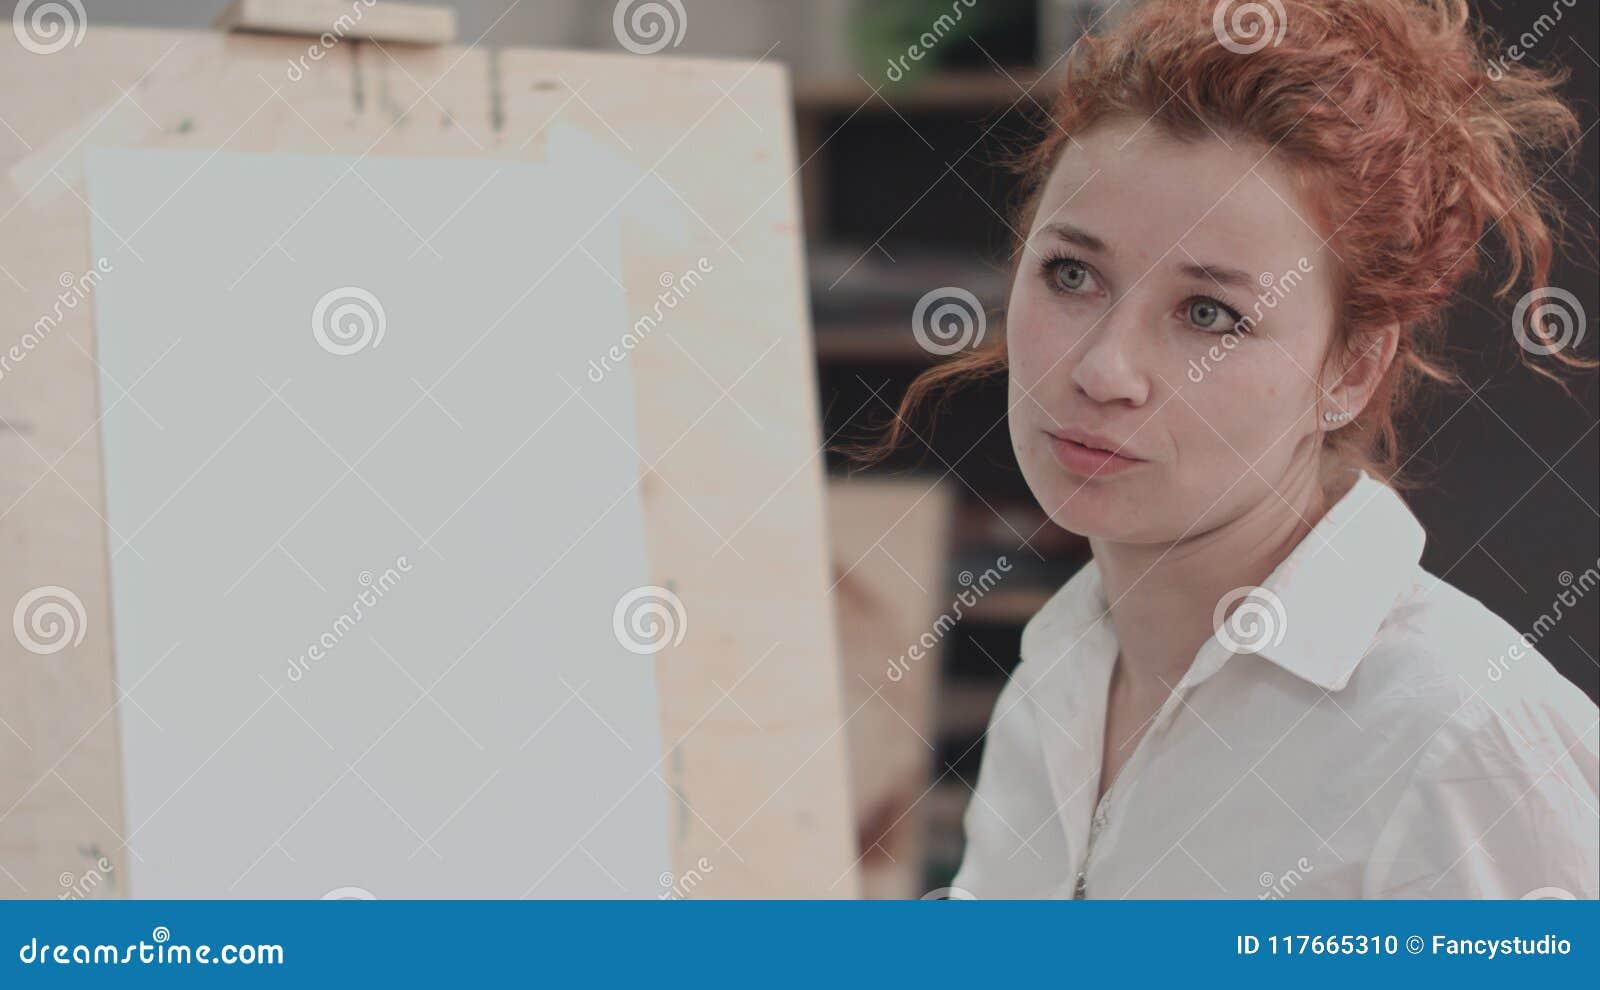 Młody żeński malarz blisko sztalugi opisuje kreatywnie proces